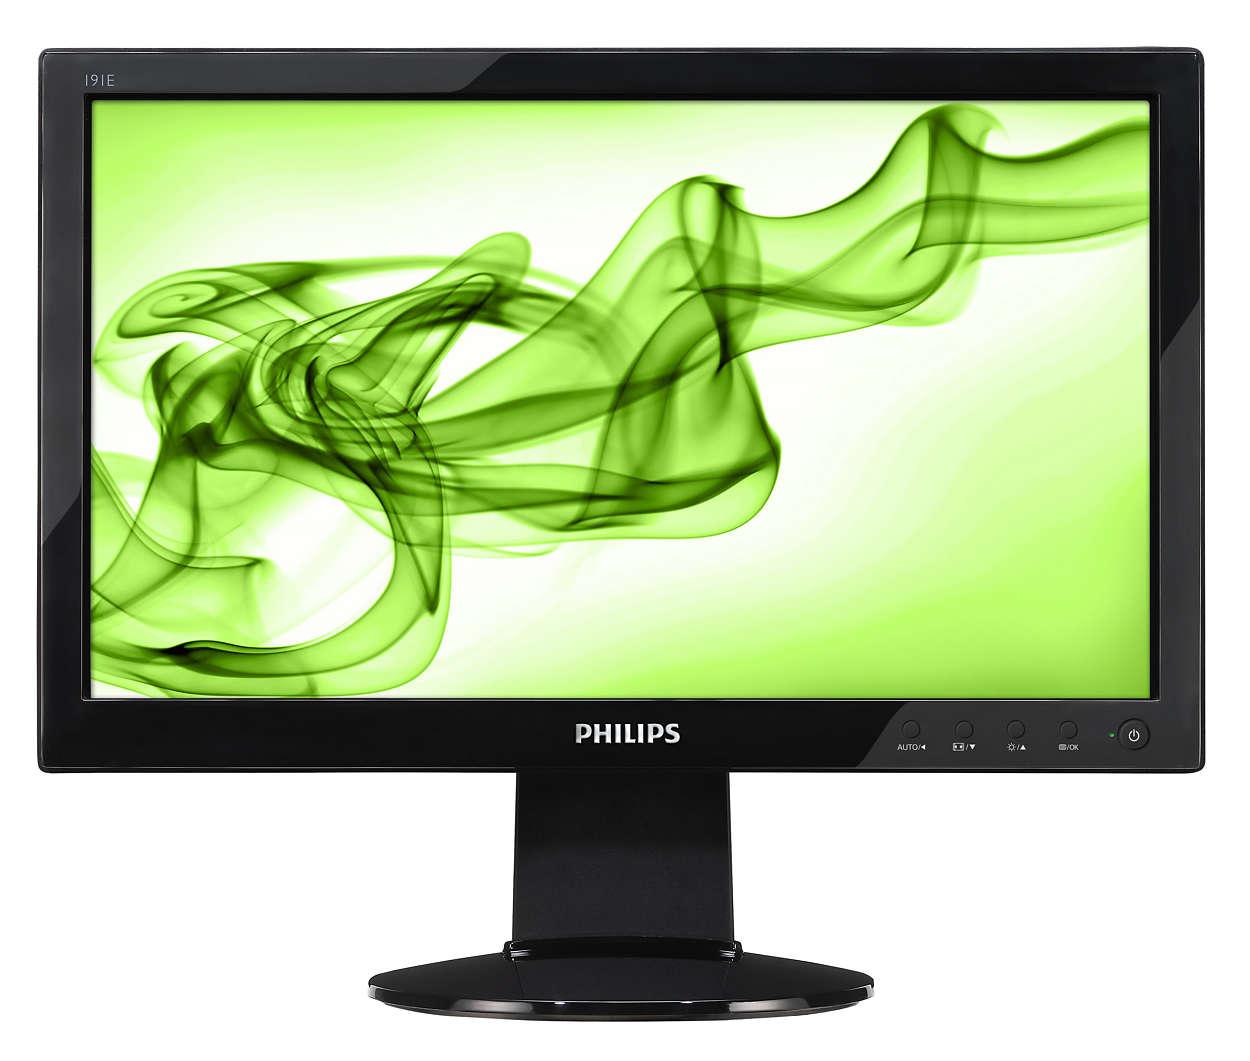 Monitor spřirozeným formátem 16:9 HD a lesklým designem